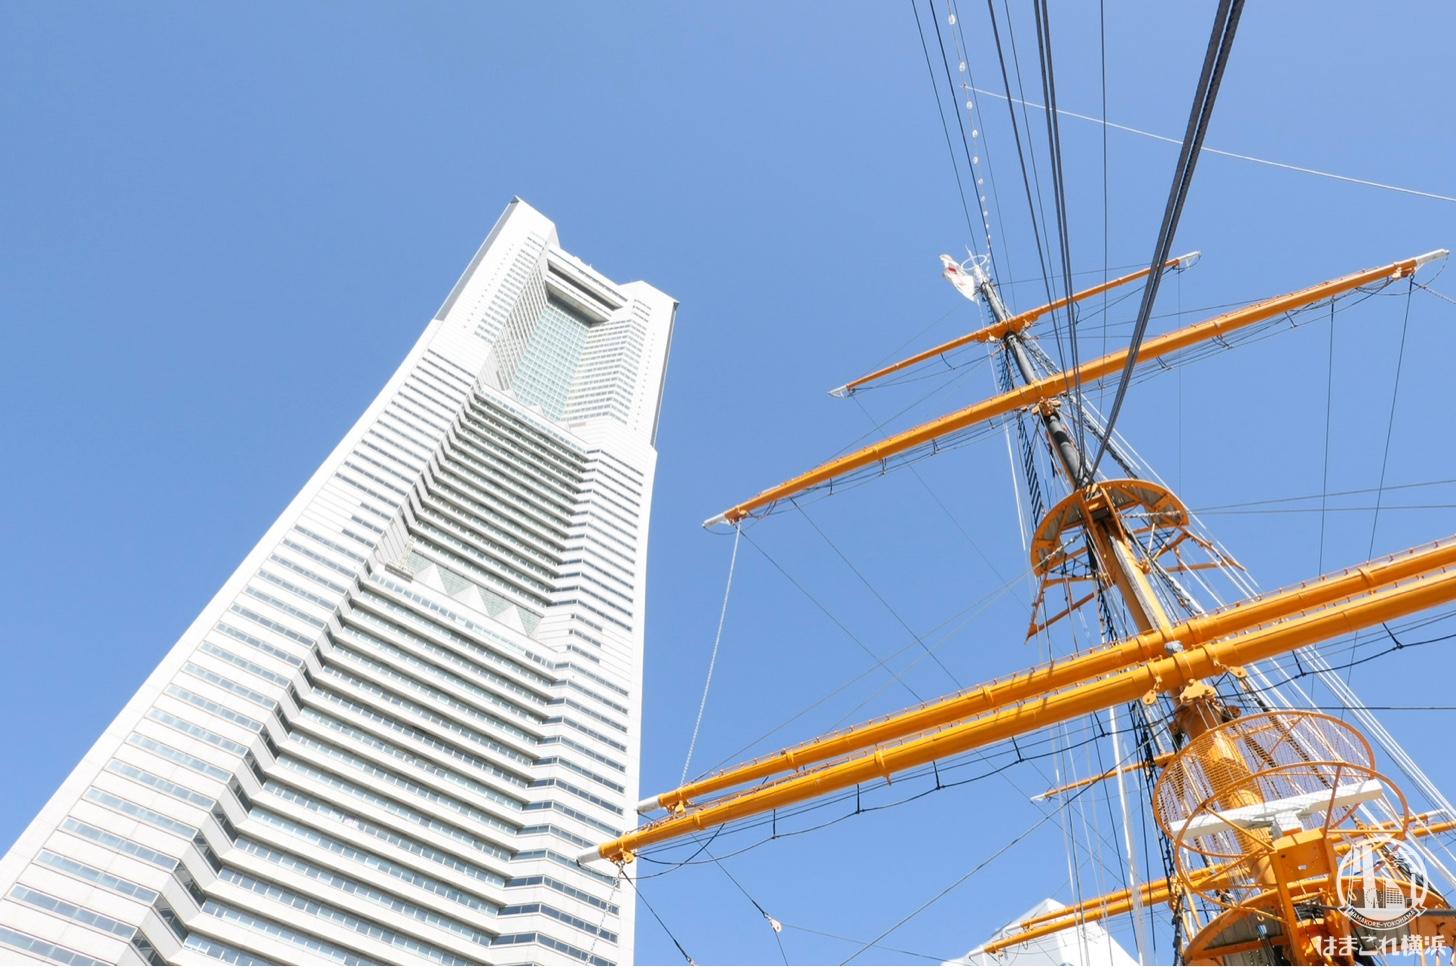 甲板から見上げたマストと横浜ランドマークタワー